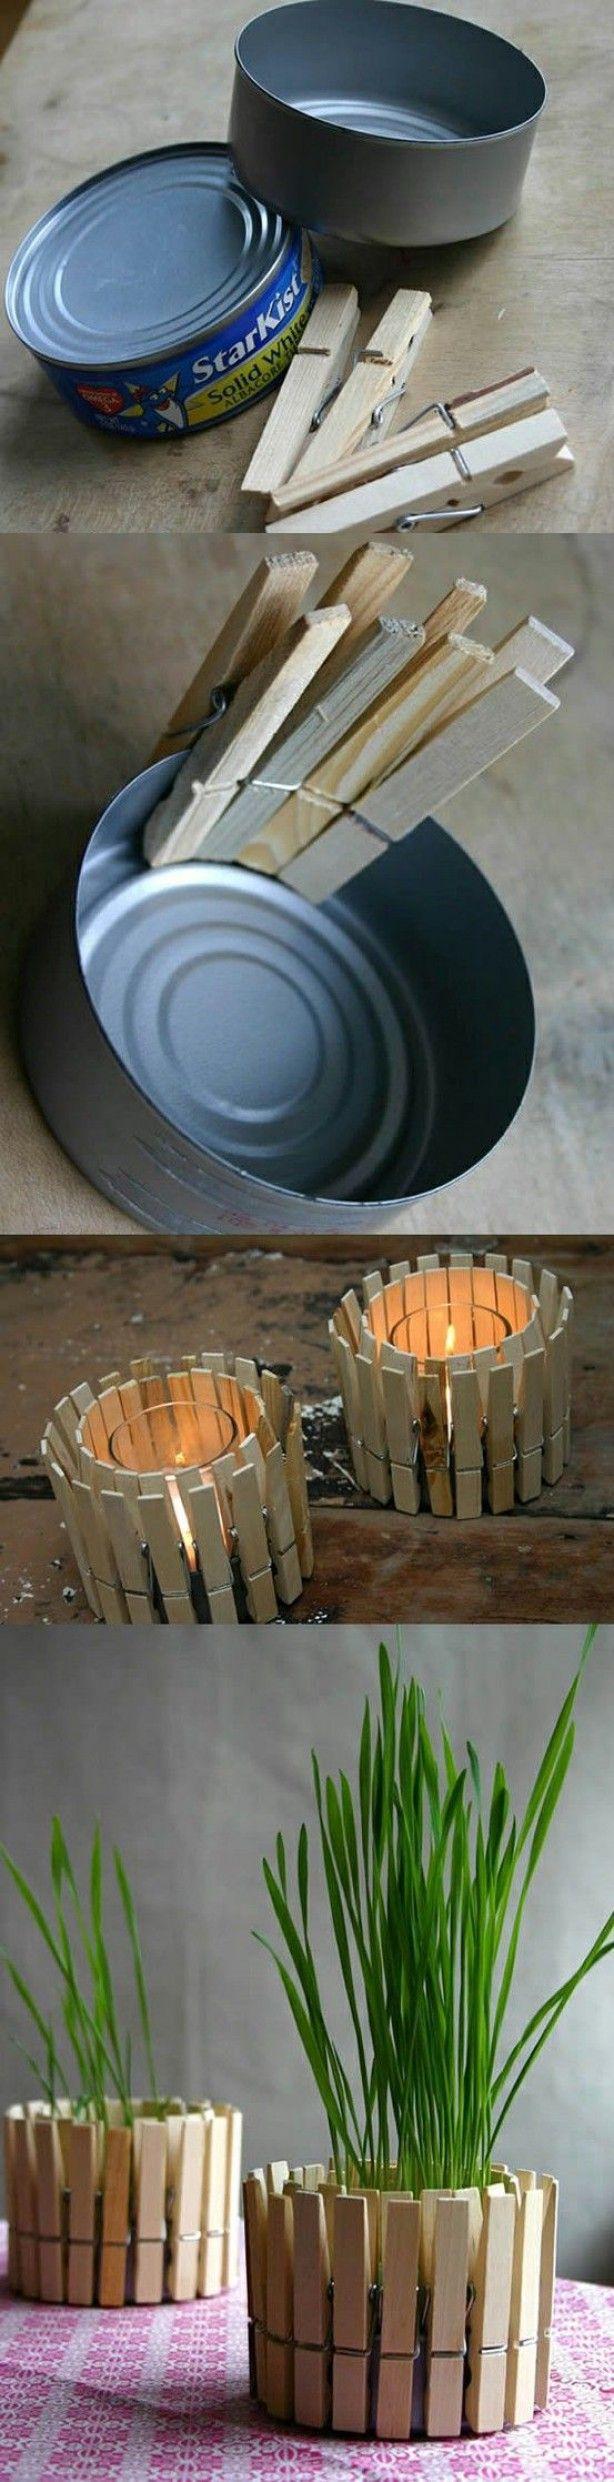 kaarsenstandaard maken van knijpers